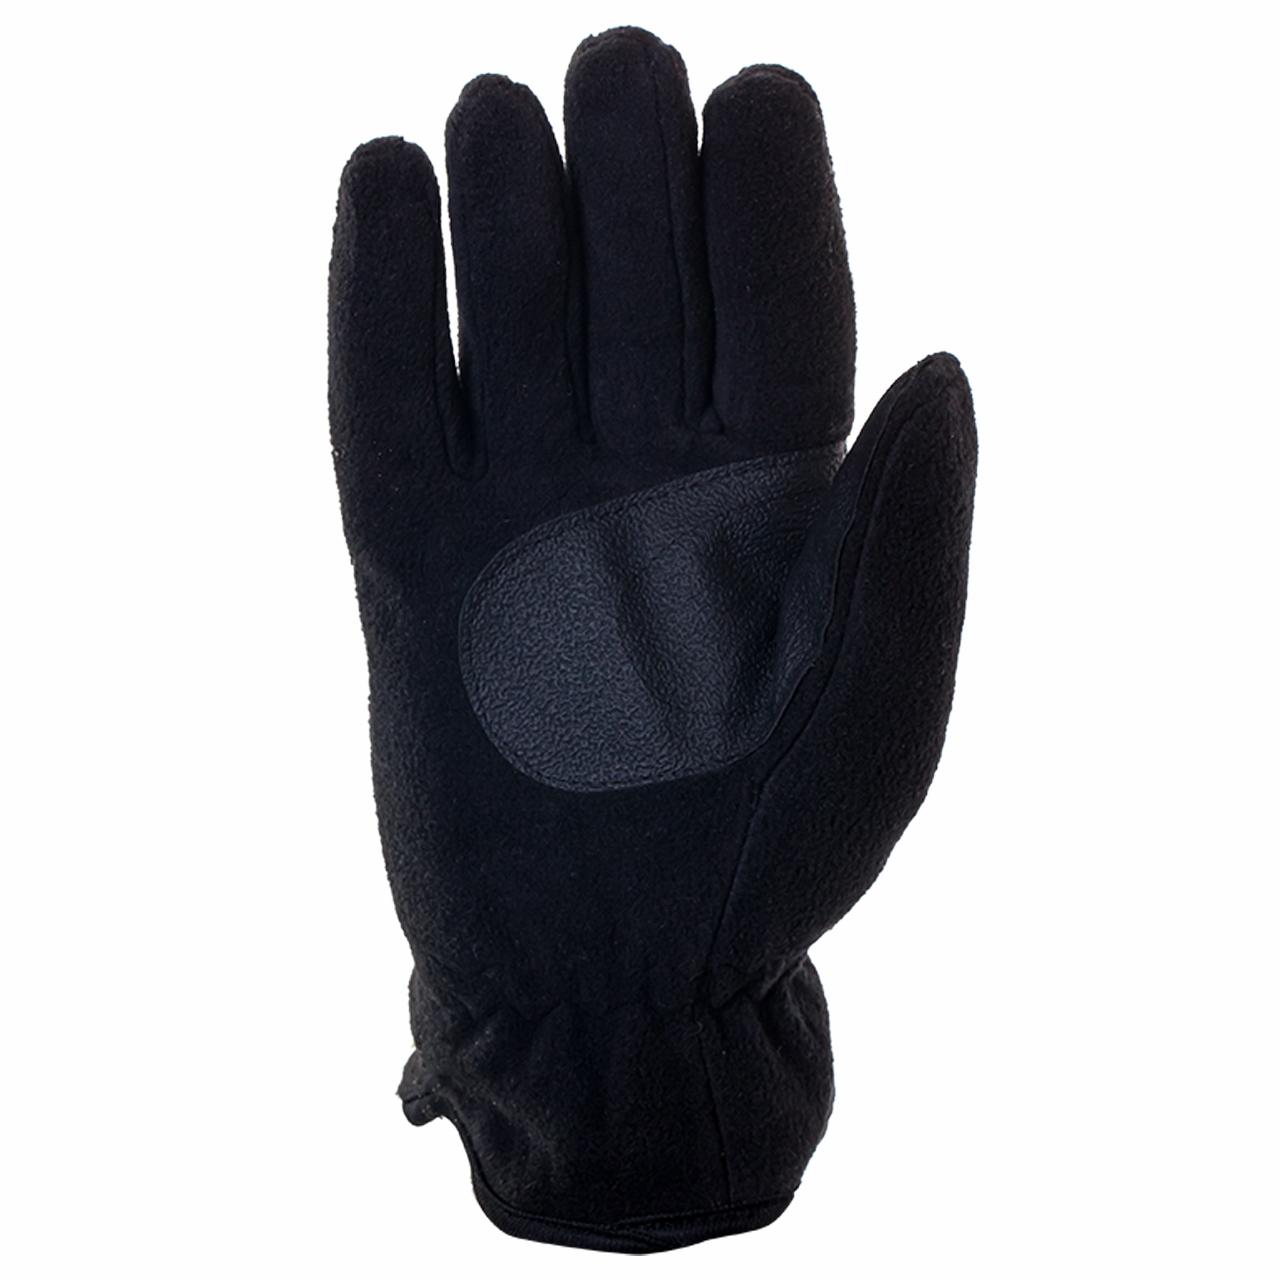 Теплые перчатки из флиса заказать в Военпро